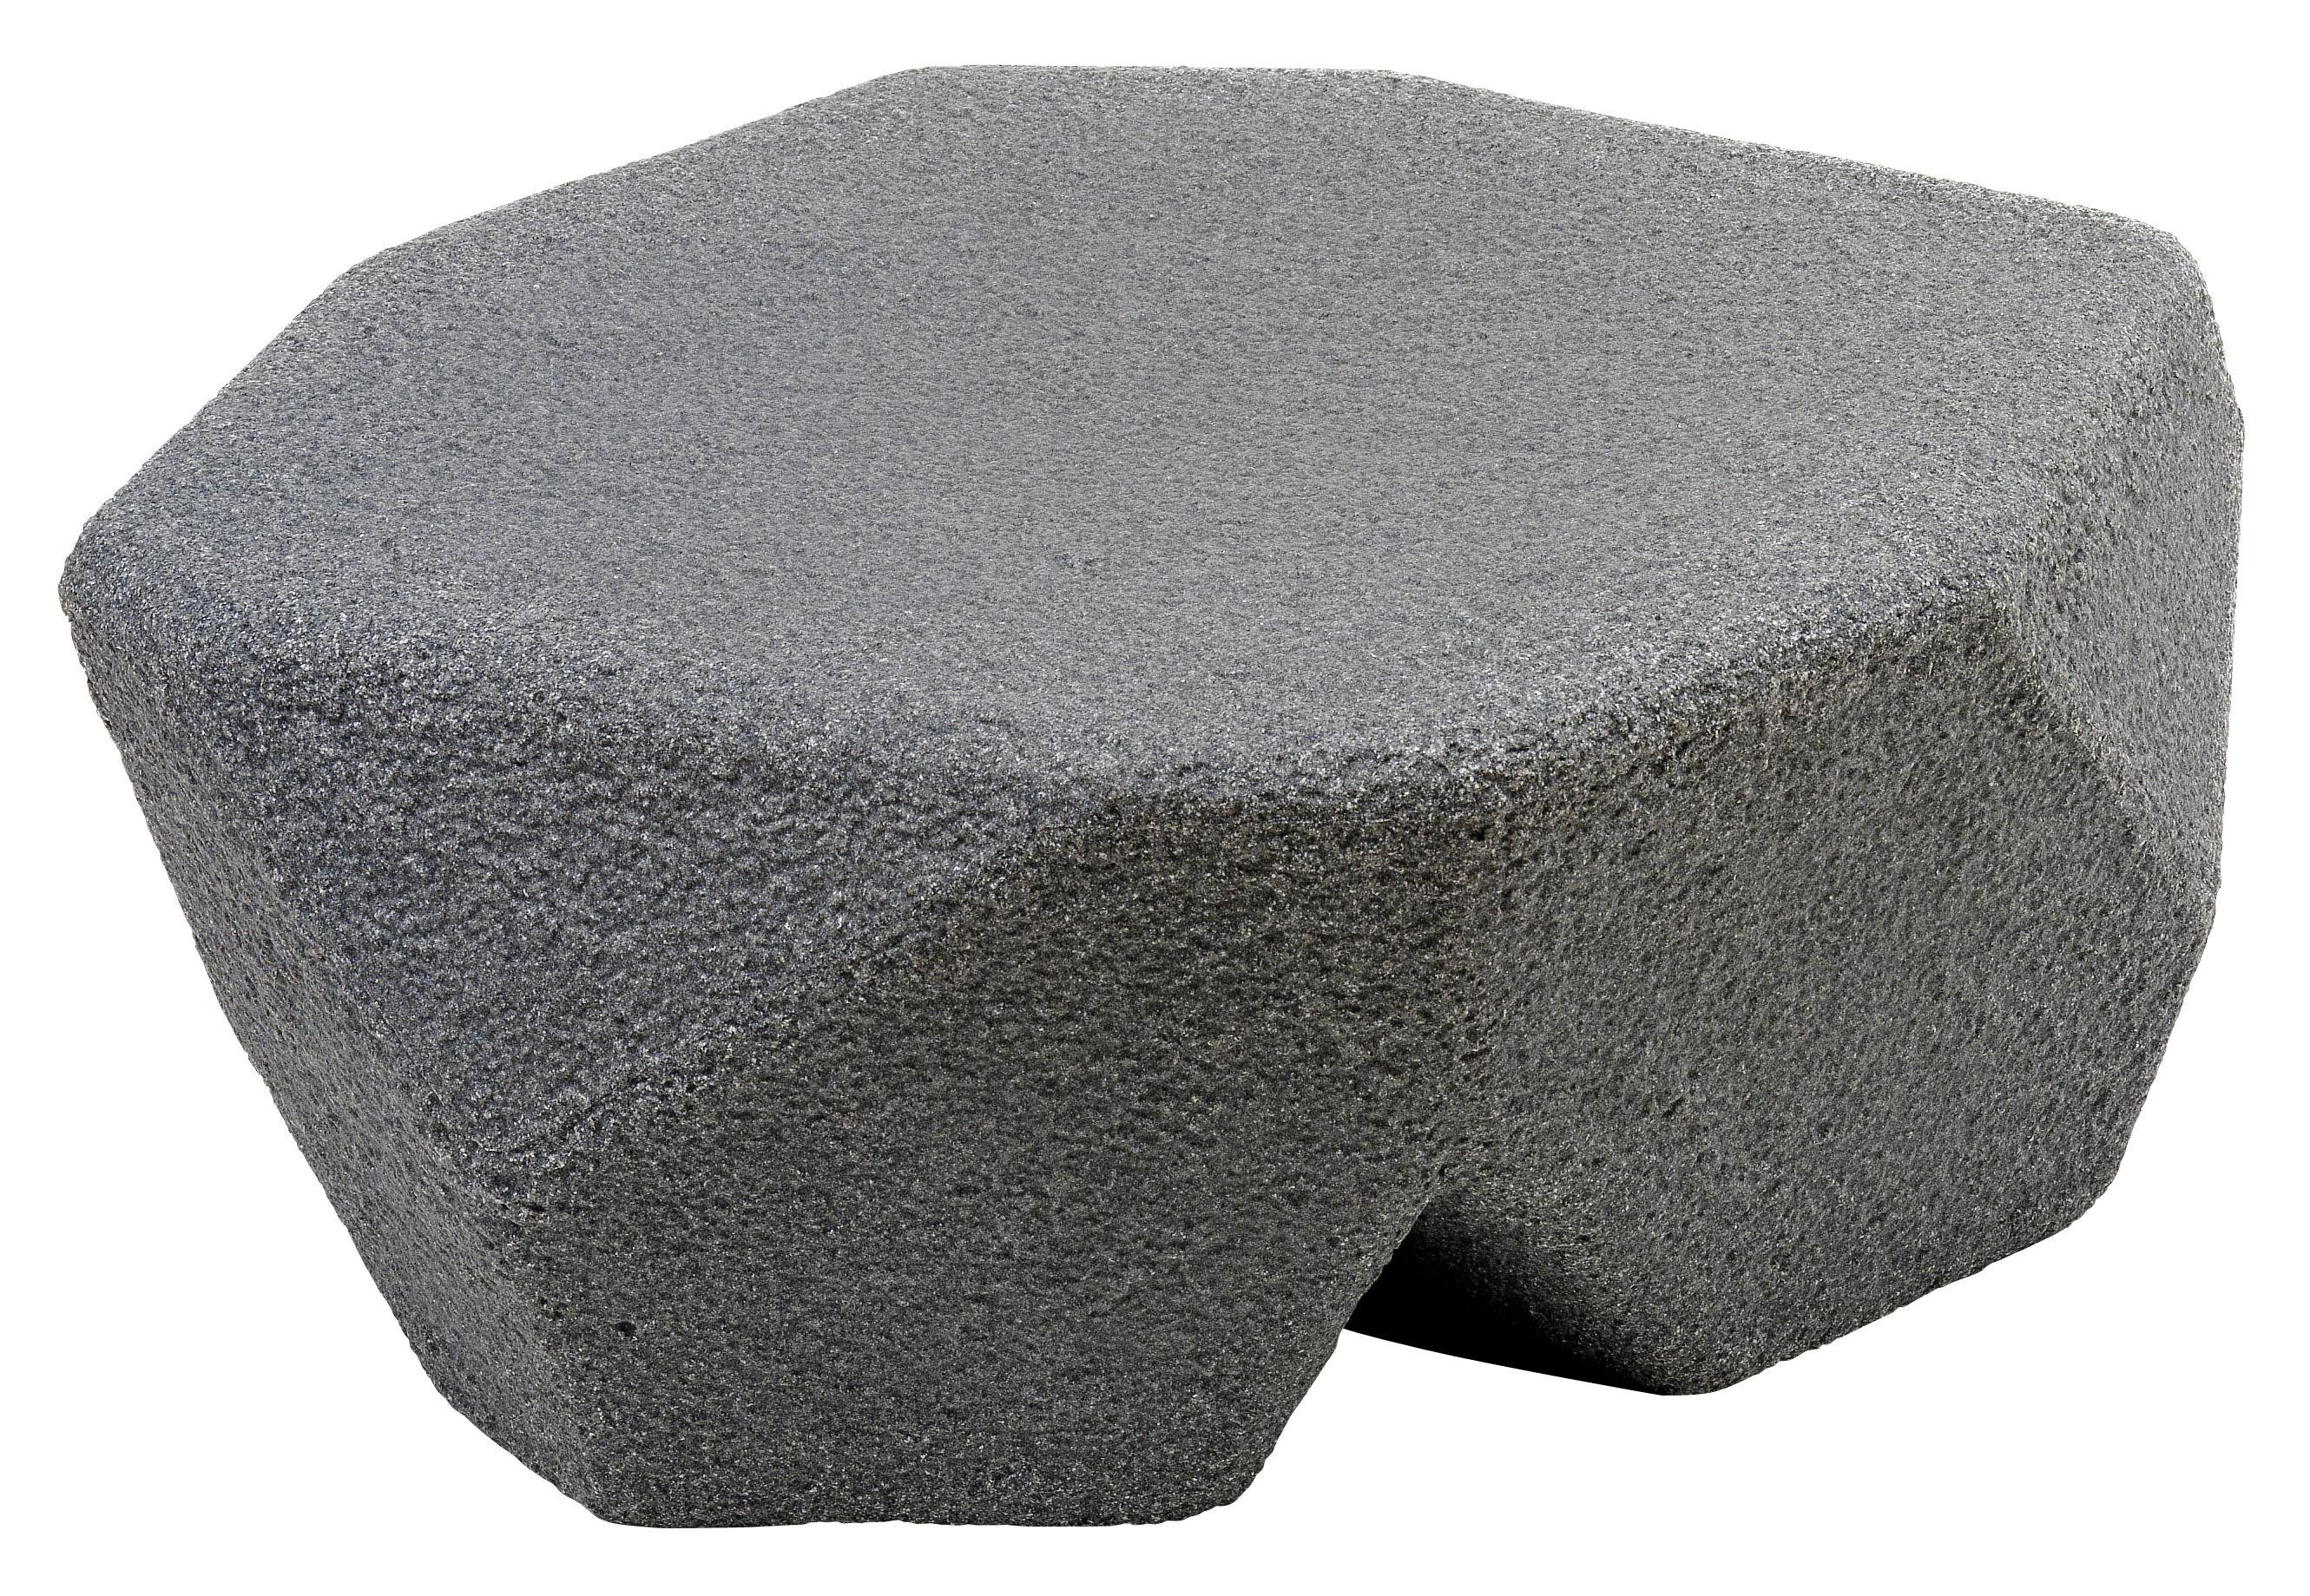 Möbel - Couchtische - Piedras Kindertisch / Sitzhocker - Magis Collection Me Too - Anthrazit-grau - Polyäthylen